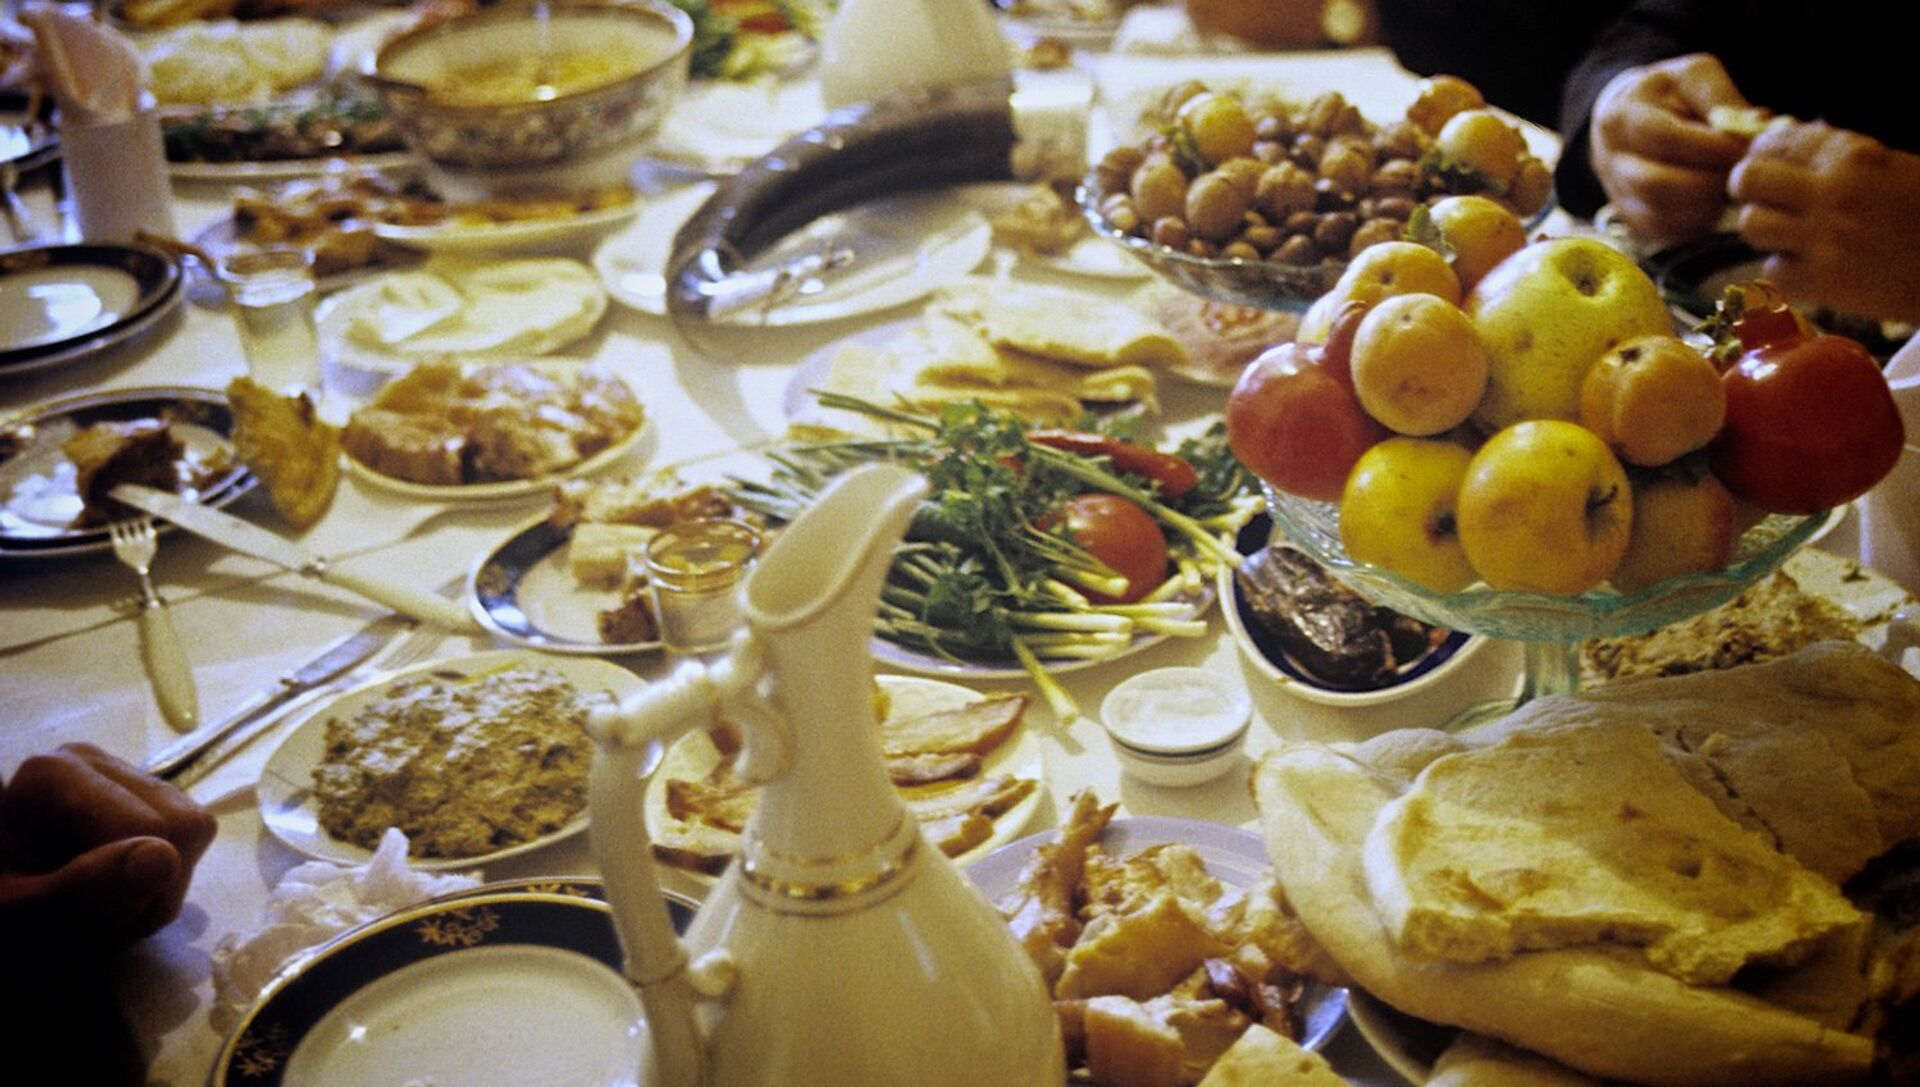 Грузинское застолье - семья собралась за ужином в одном из сел Терджольского района. - Sputnik Азербайджан, 1920, 12.04.2021